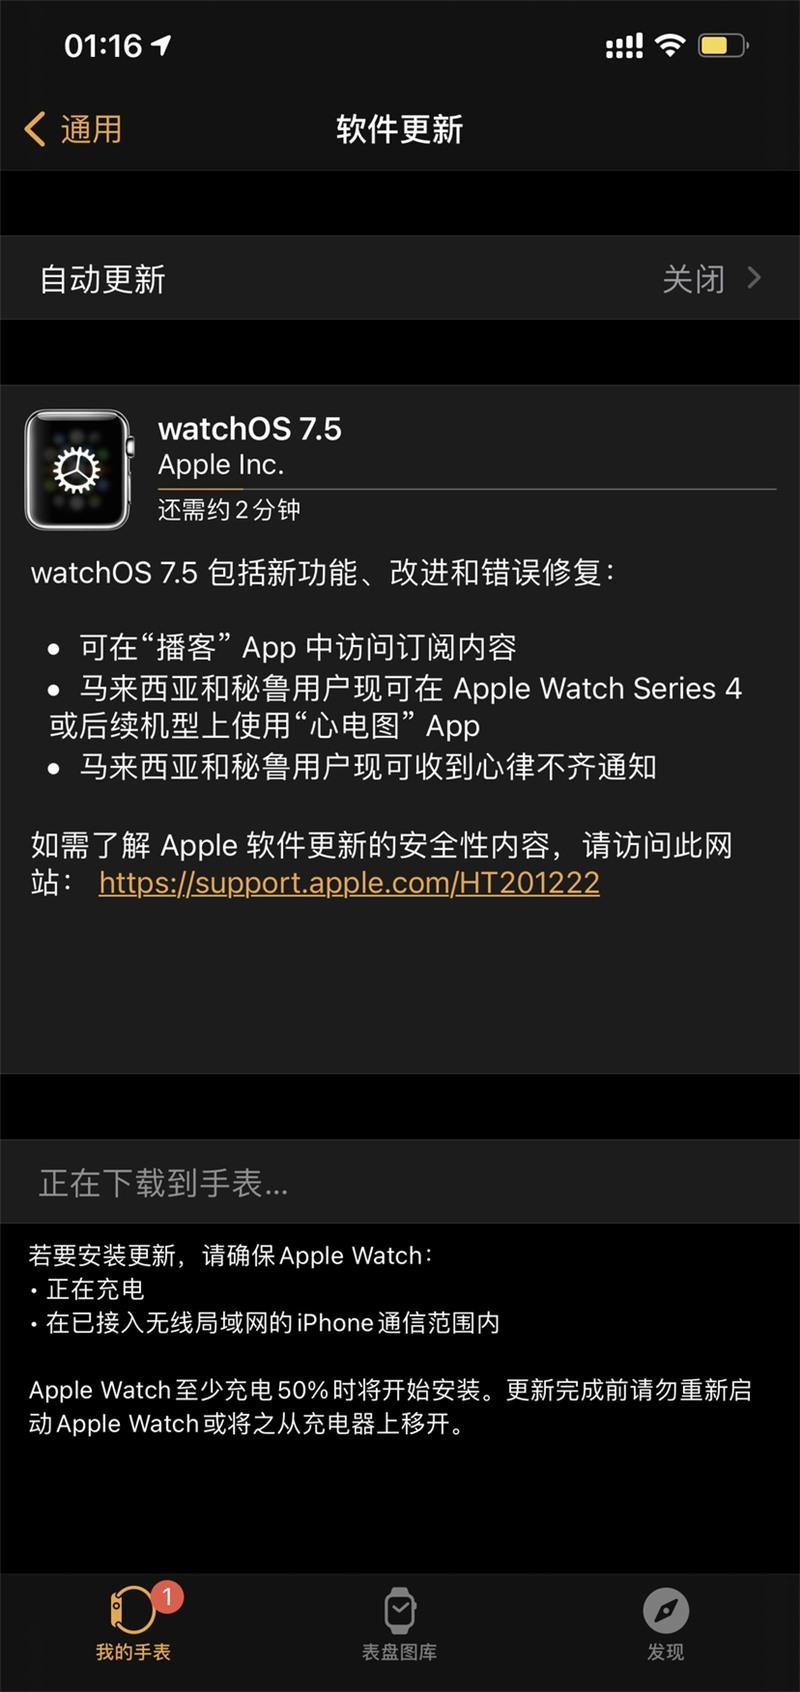 苹果发布 watchOS 7.5 正式版,ECG 功能上线多国